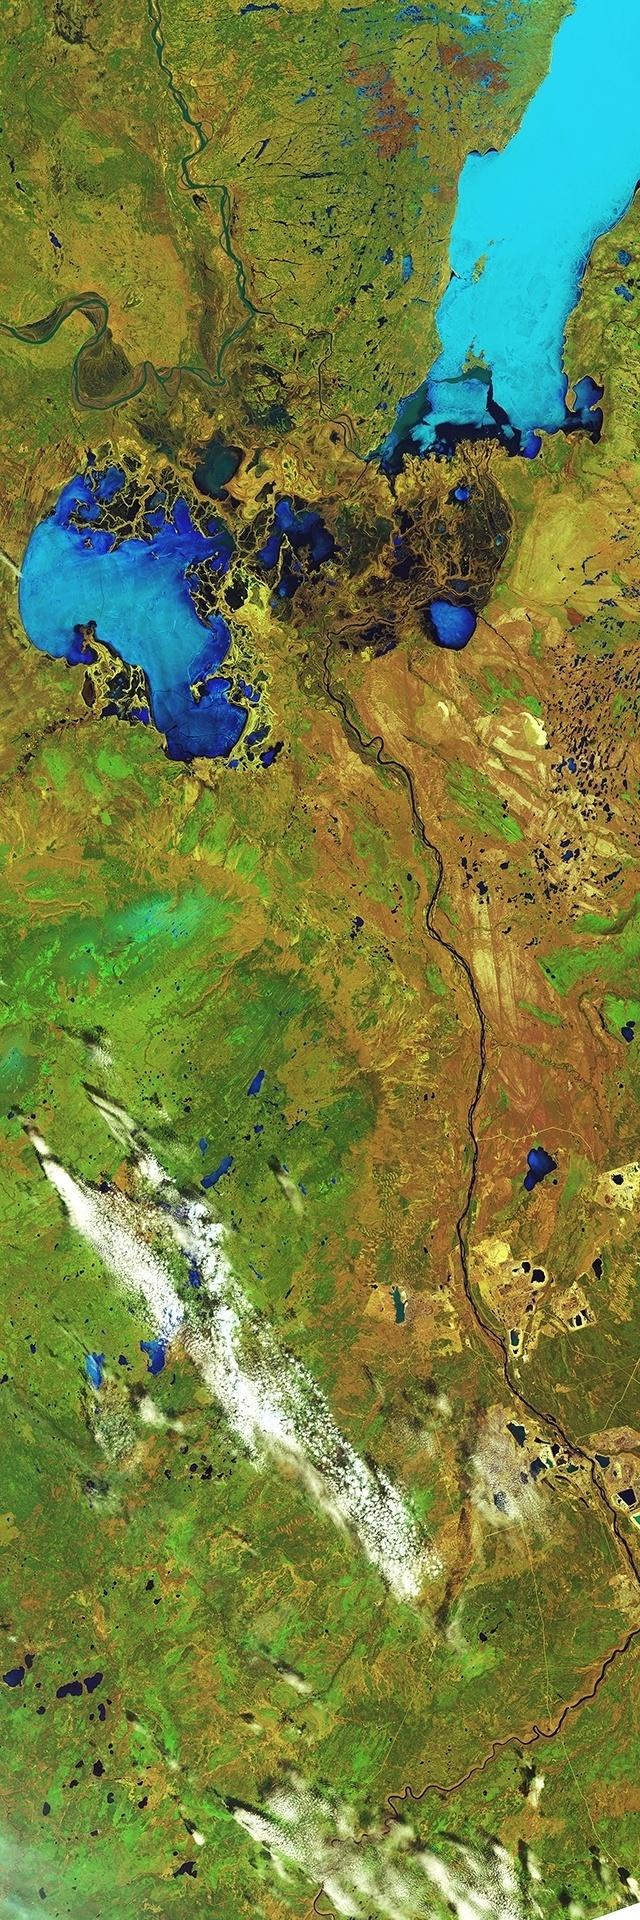 3.out.2014 - MAIOR DELTA DO MUNDO - O maior delta interior de água doce rio do mundo, onde os rios Paz e Athabasca convergem no rio Slave e Lago Athabasca, no Canadá, foi fotografado pelo Landsat-8 da ESA (Agência Espacial Internacional, sigla em inglês) e mostra uma distancia de mais de 350 km, na província de Alberta.  Ela é uma das 130 imagens de satélite em exposição no Palazzo delle Esposizioni, em Roma, até o dia 2 de novembro